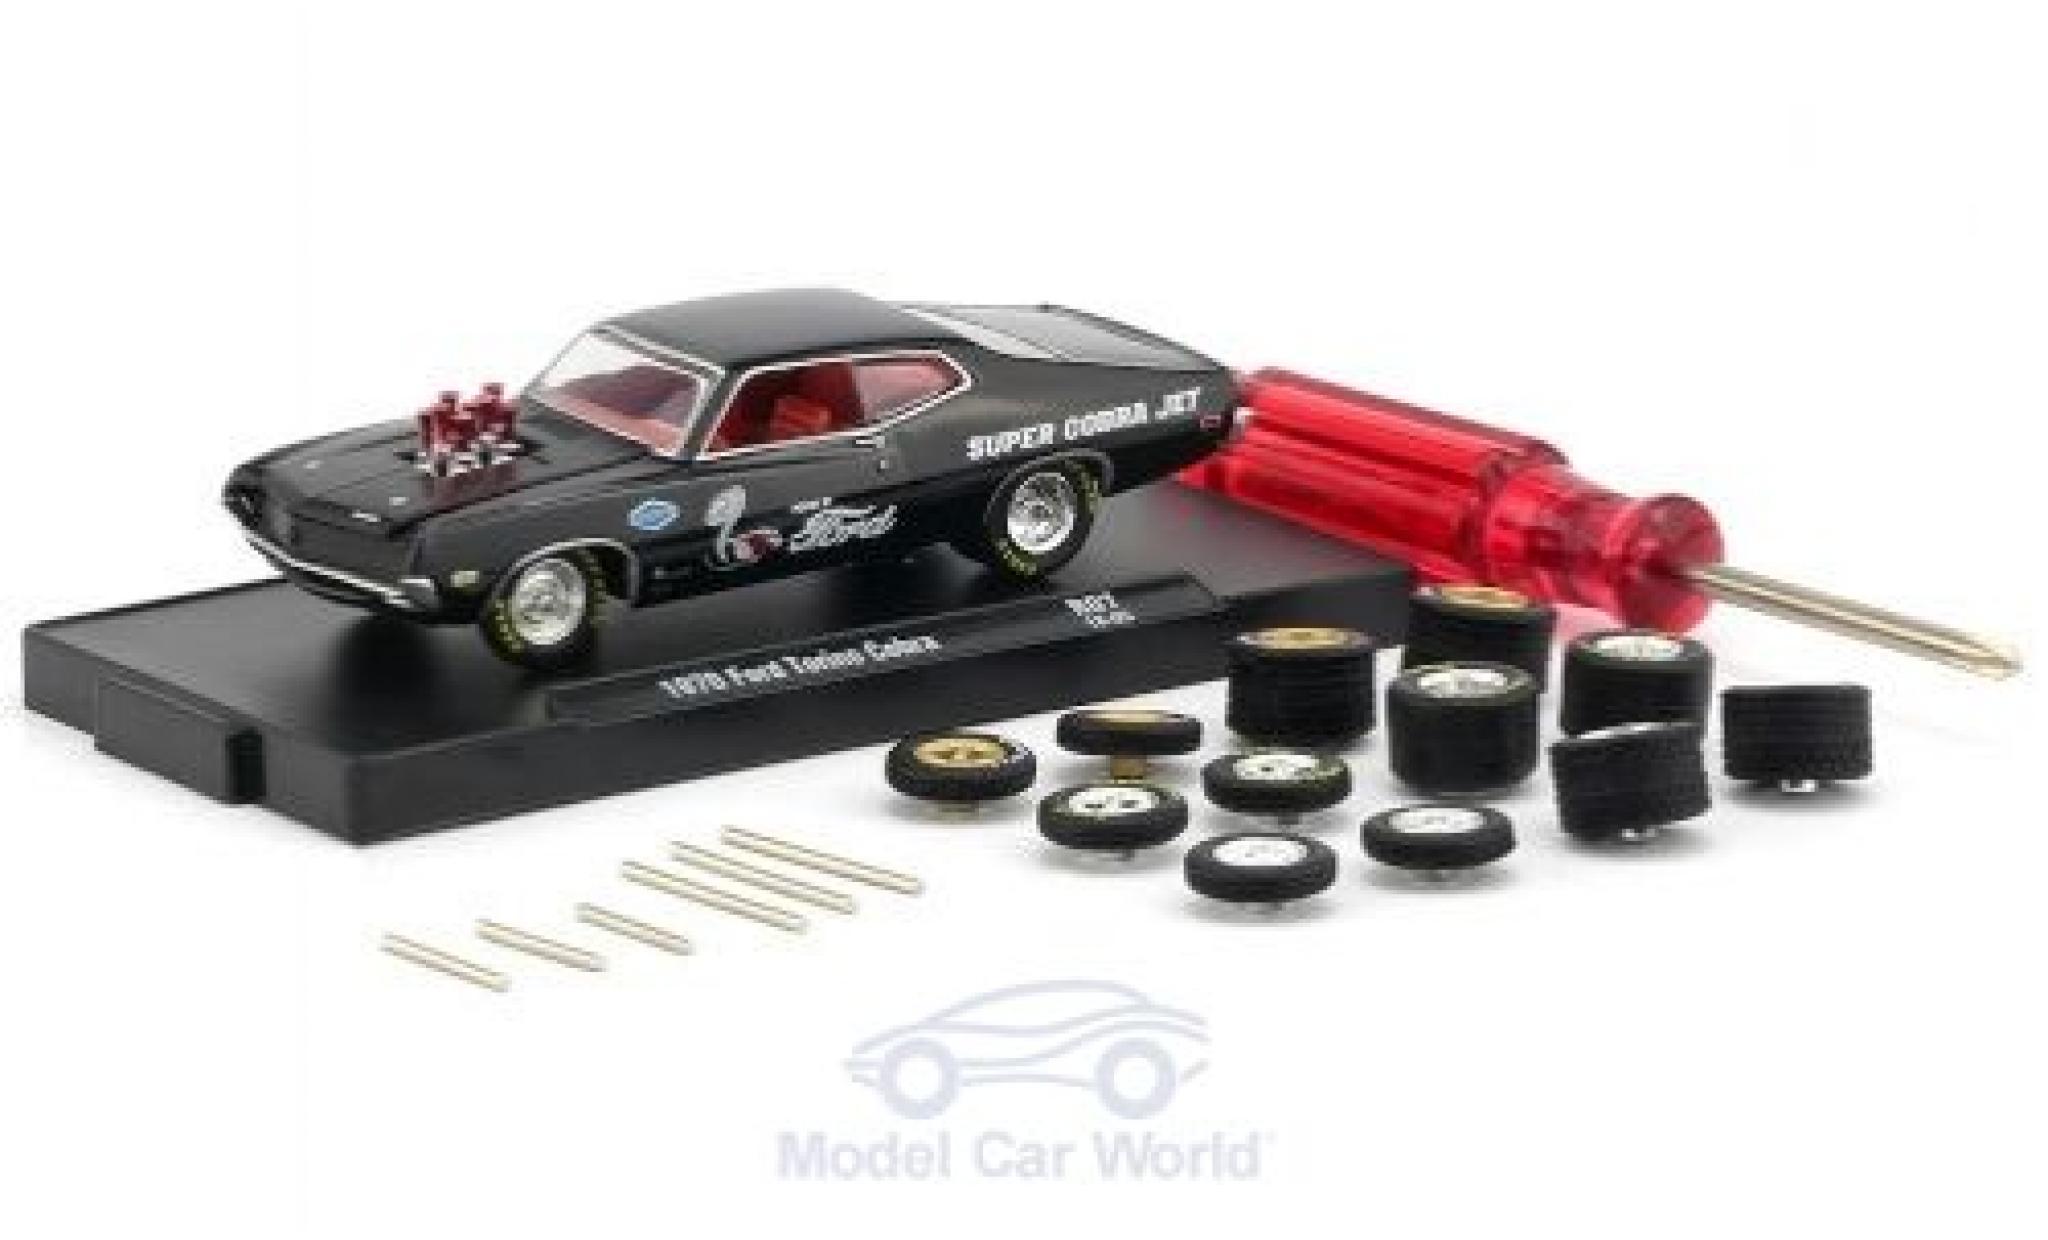 Ford Torino 1/64 M2 Machines Cobra noire 1970 inklusive 12 Austauschrädern 6 Achsen und 1 Schraubenzieher Auto-Wheels Release 06